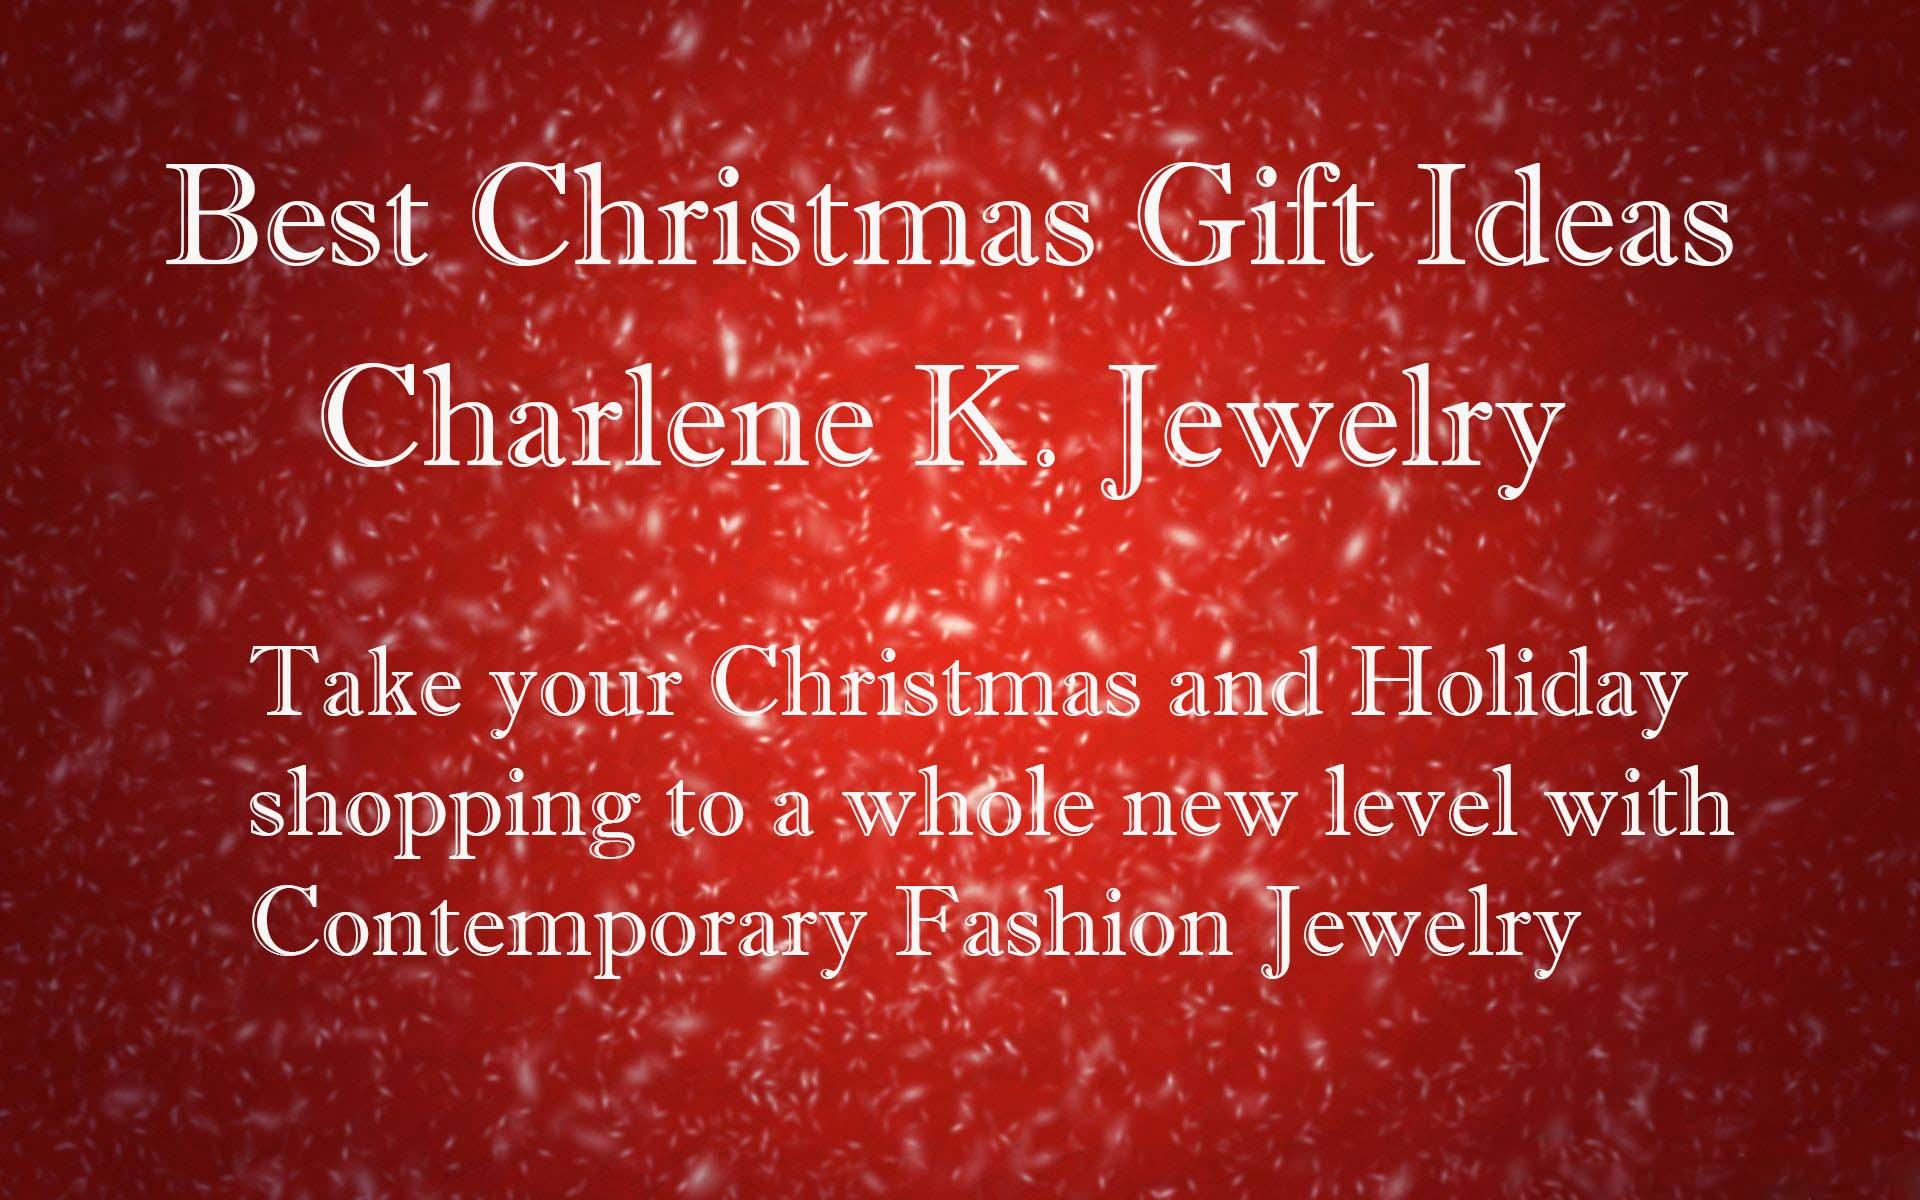 best Christmas gift for my girlfriend | Charlene K